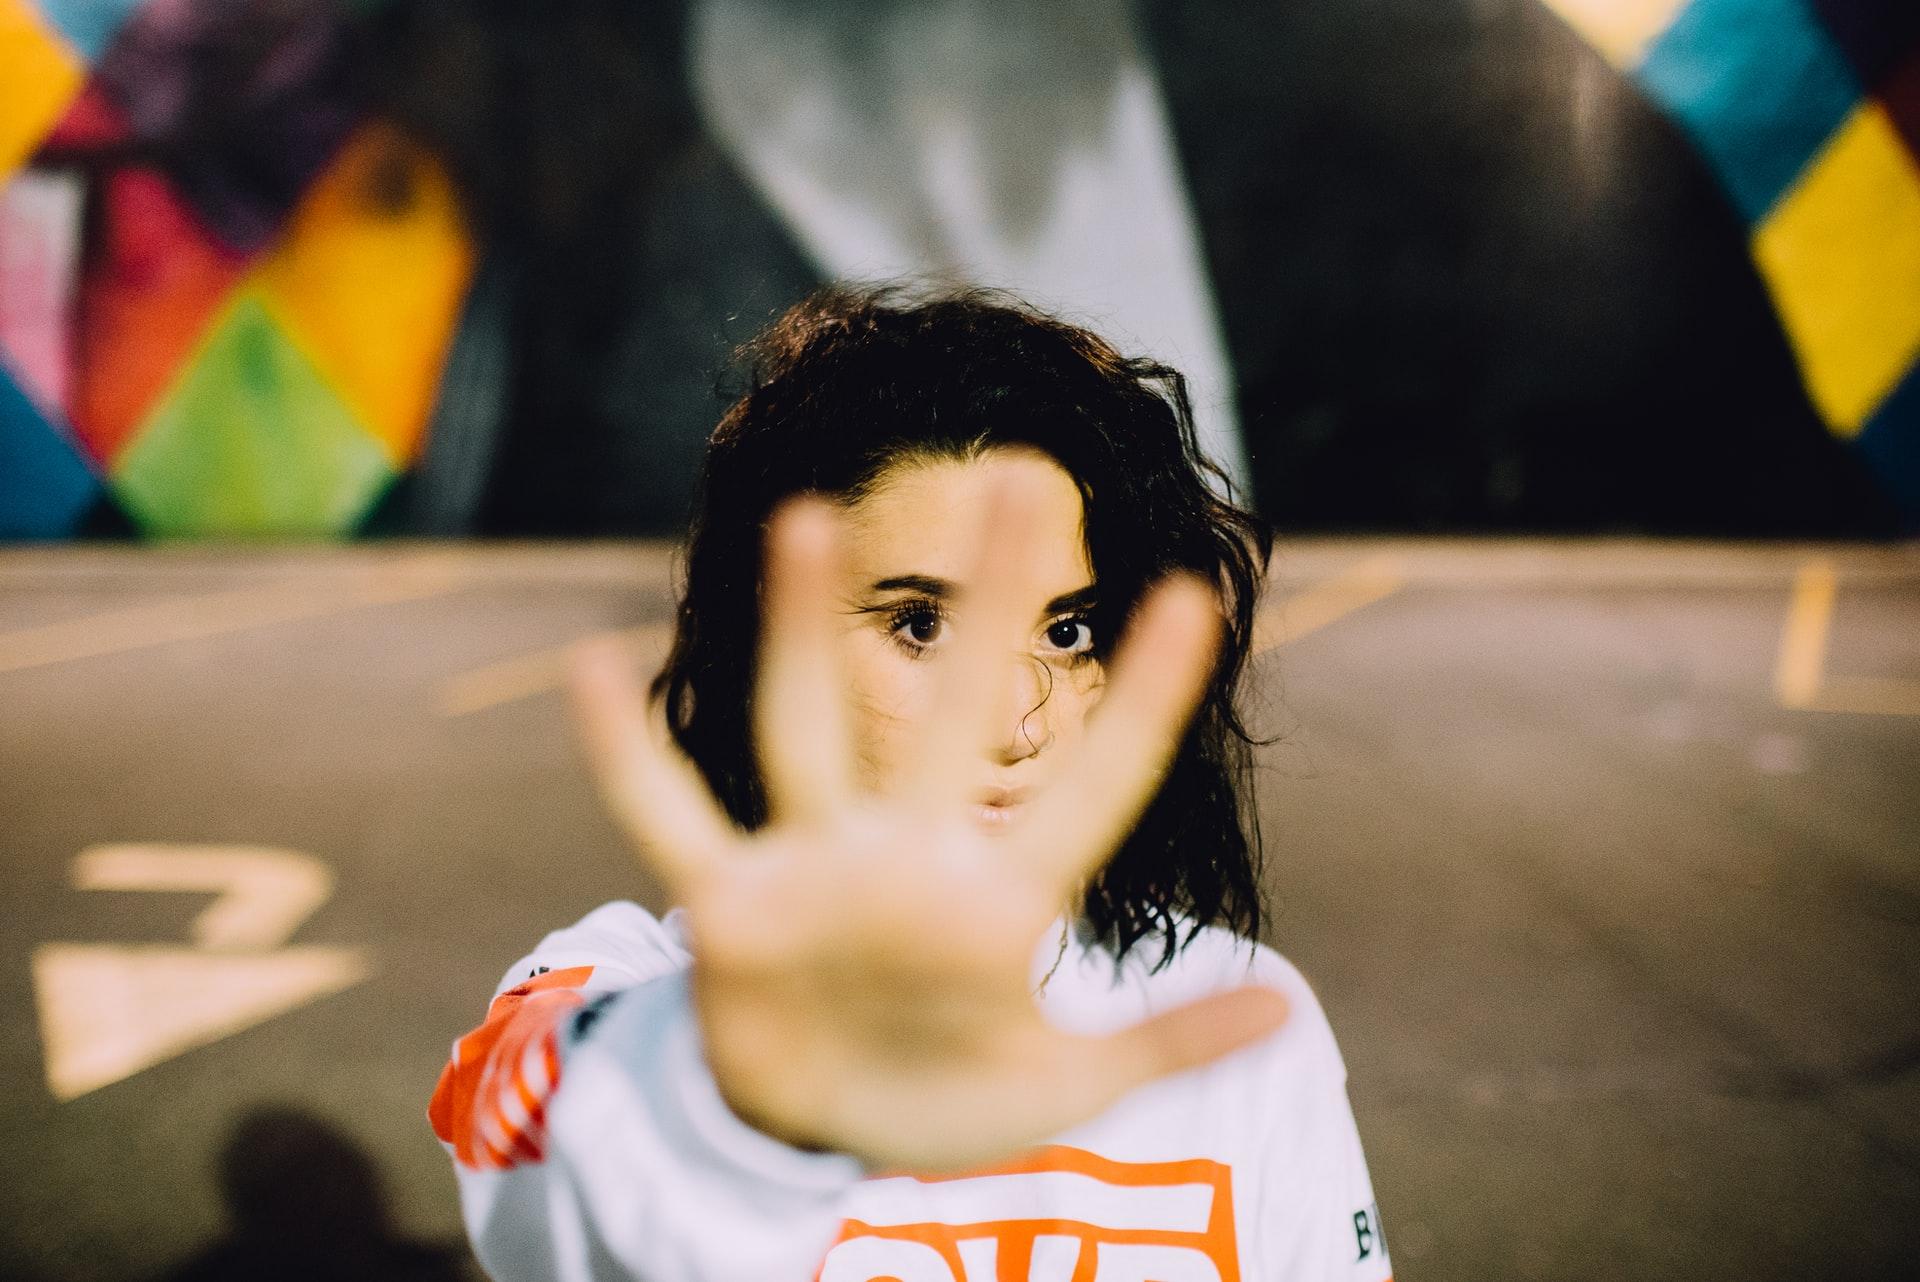 """¿Cómo superar el """"qué dirán""""? – 7 ideas que te pueden ayudar a lograrlo"""